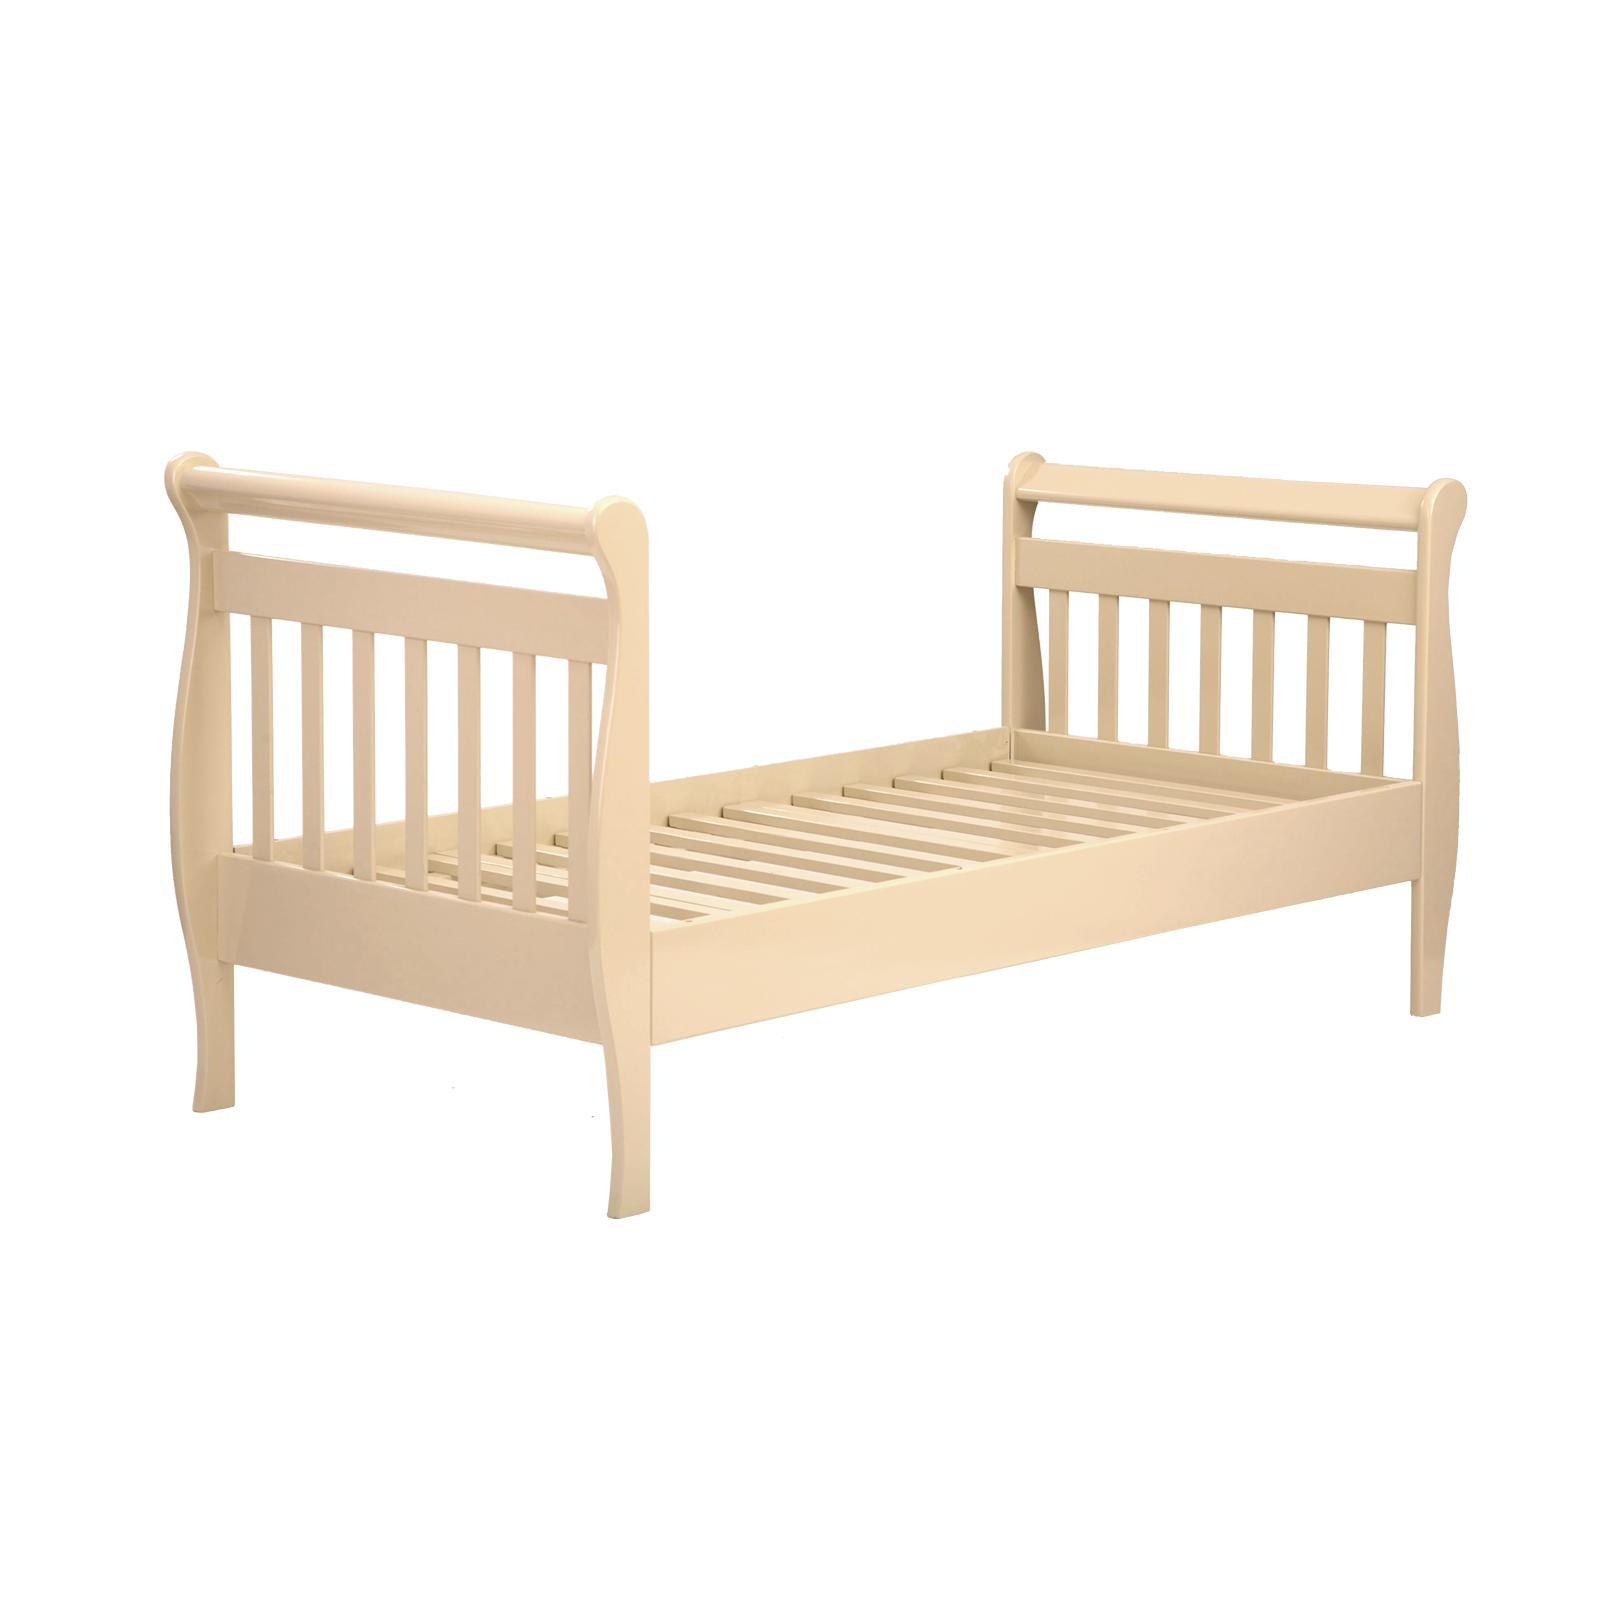 Купить БИ 04 Кровать одинарная подростковая Юнона 1600х800 б/ограждений ваниль, Лель, Детские кровати